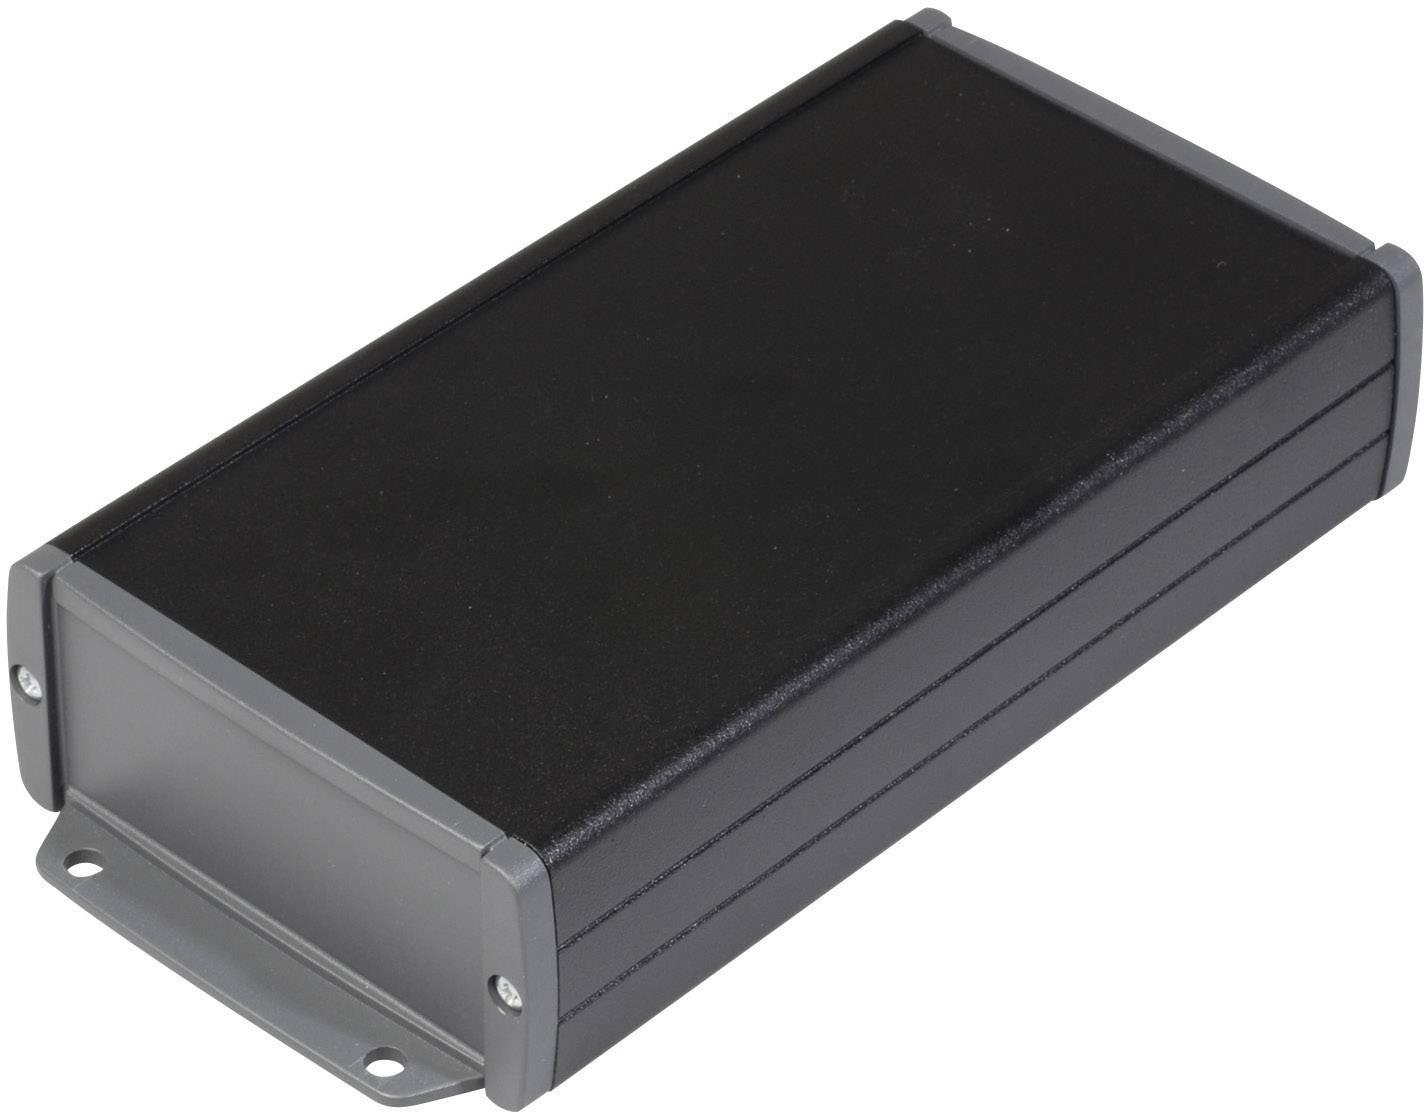 Univerzální pouzdro hliníkové TEKO TEKAL 23-E.29, (d x š x v) 180 x 85,8 x 36,9 mm, černá